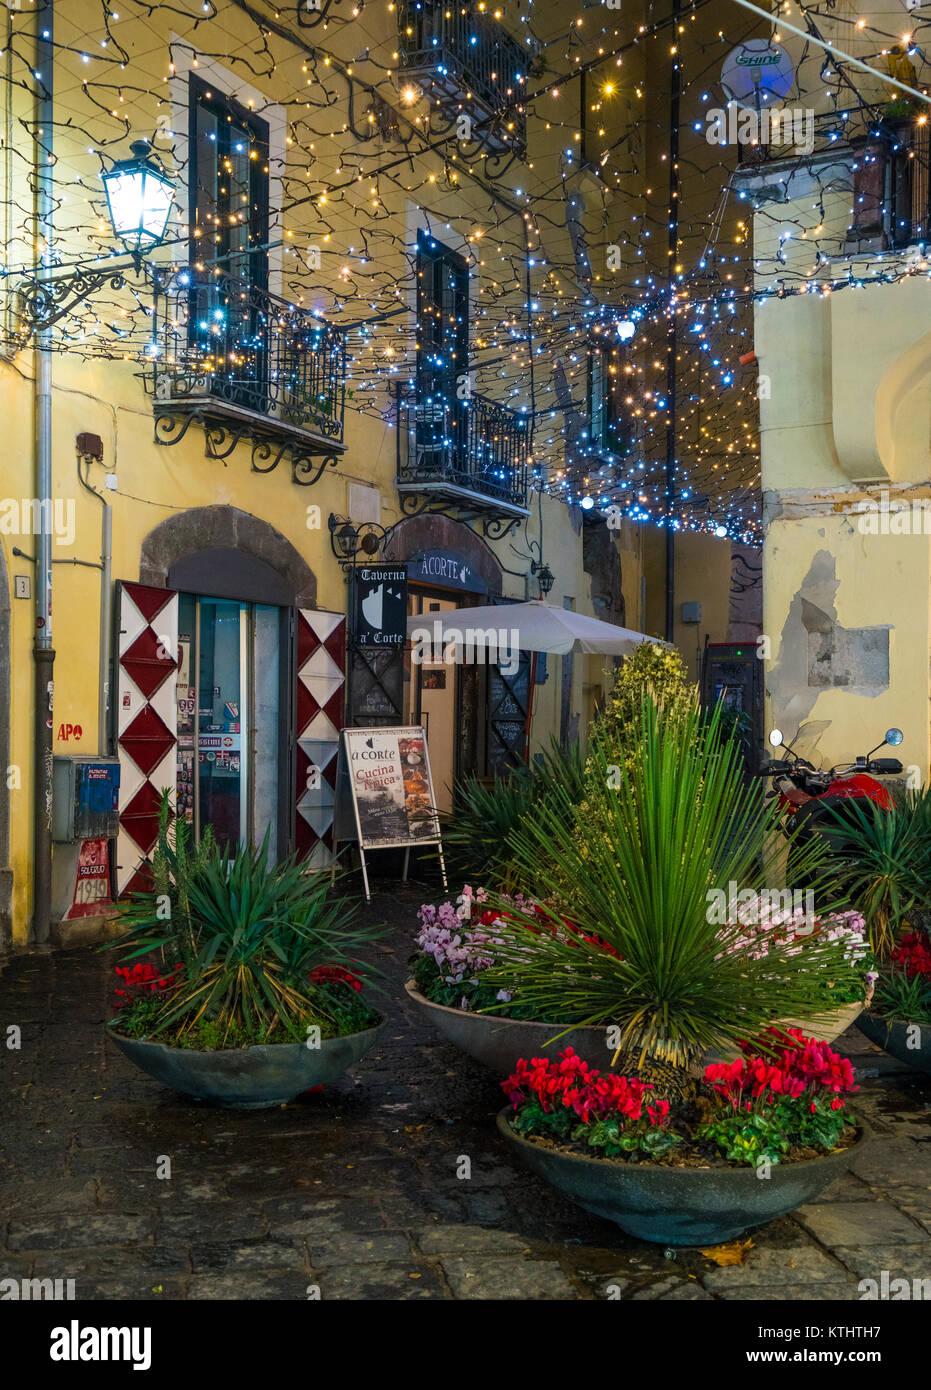 """L'incredibile """"Luci d'Artista"""" (artista luci) in Salerno durante il tempo di Natale, Campania, Immagini Stock"""